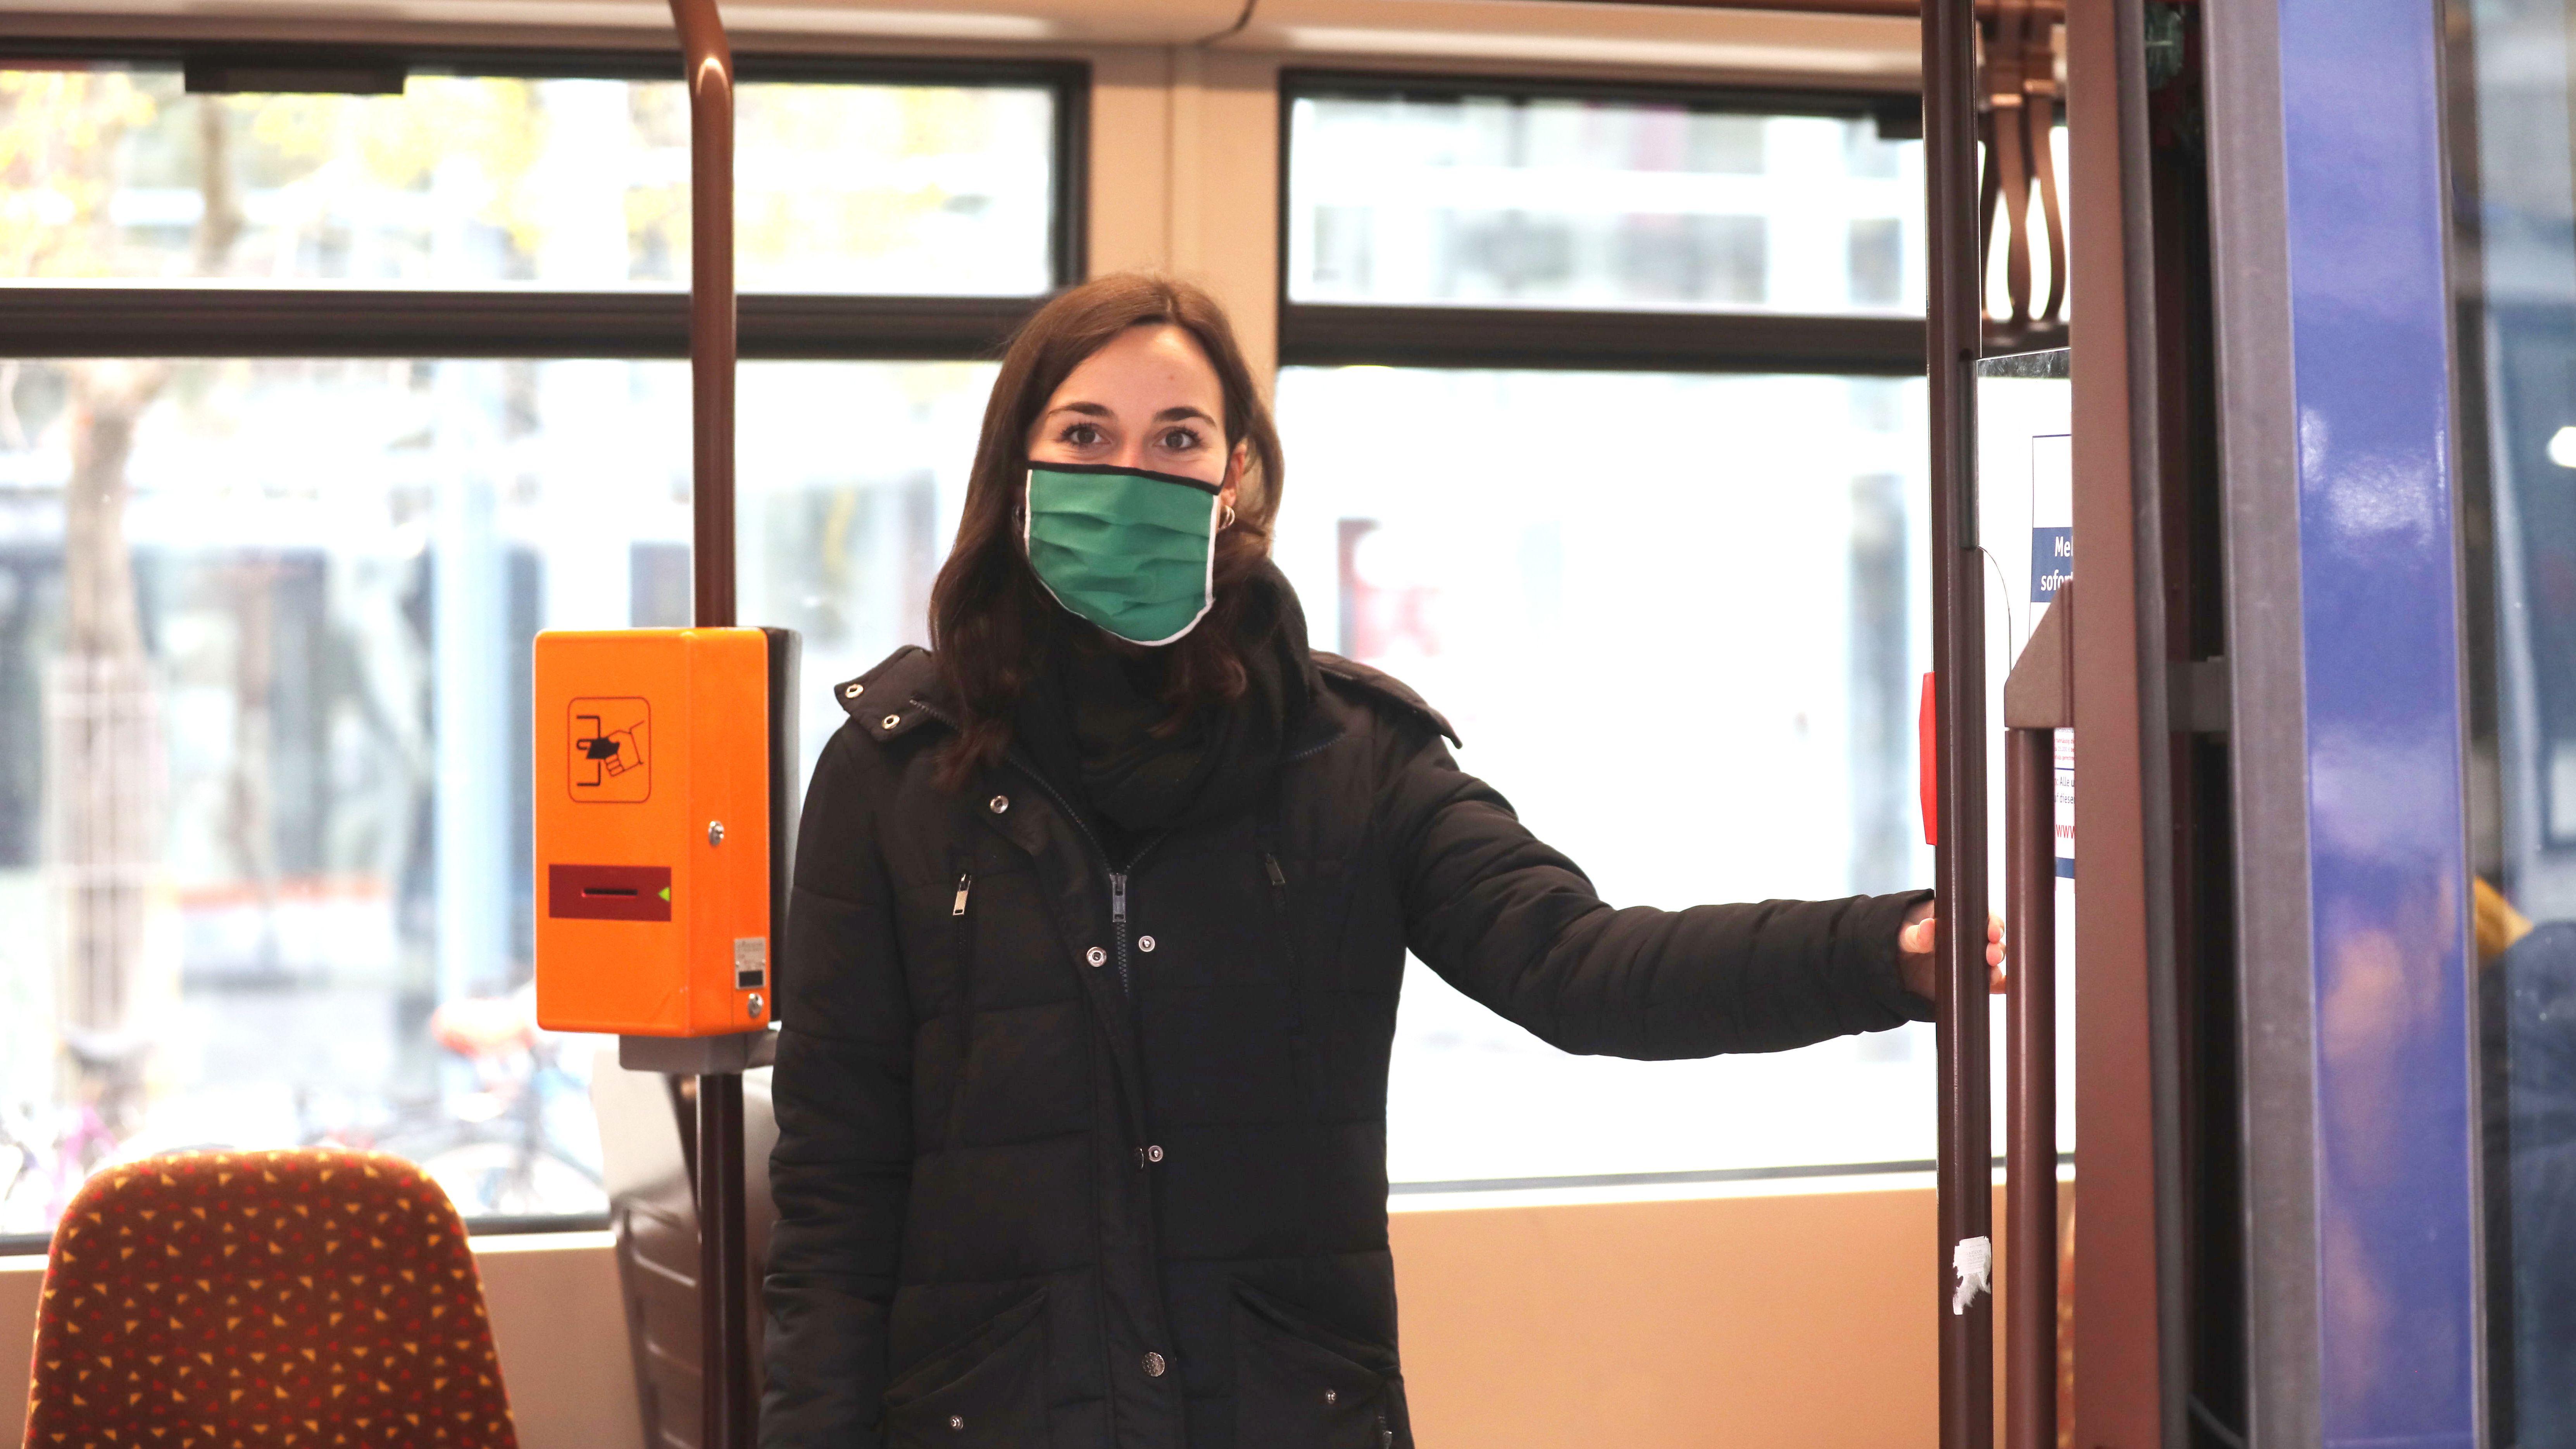 Junge Frau mit Mund-Nasen-Schutz in einer Straßenbahn (Symbolbild)